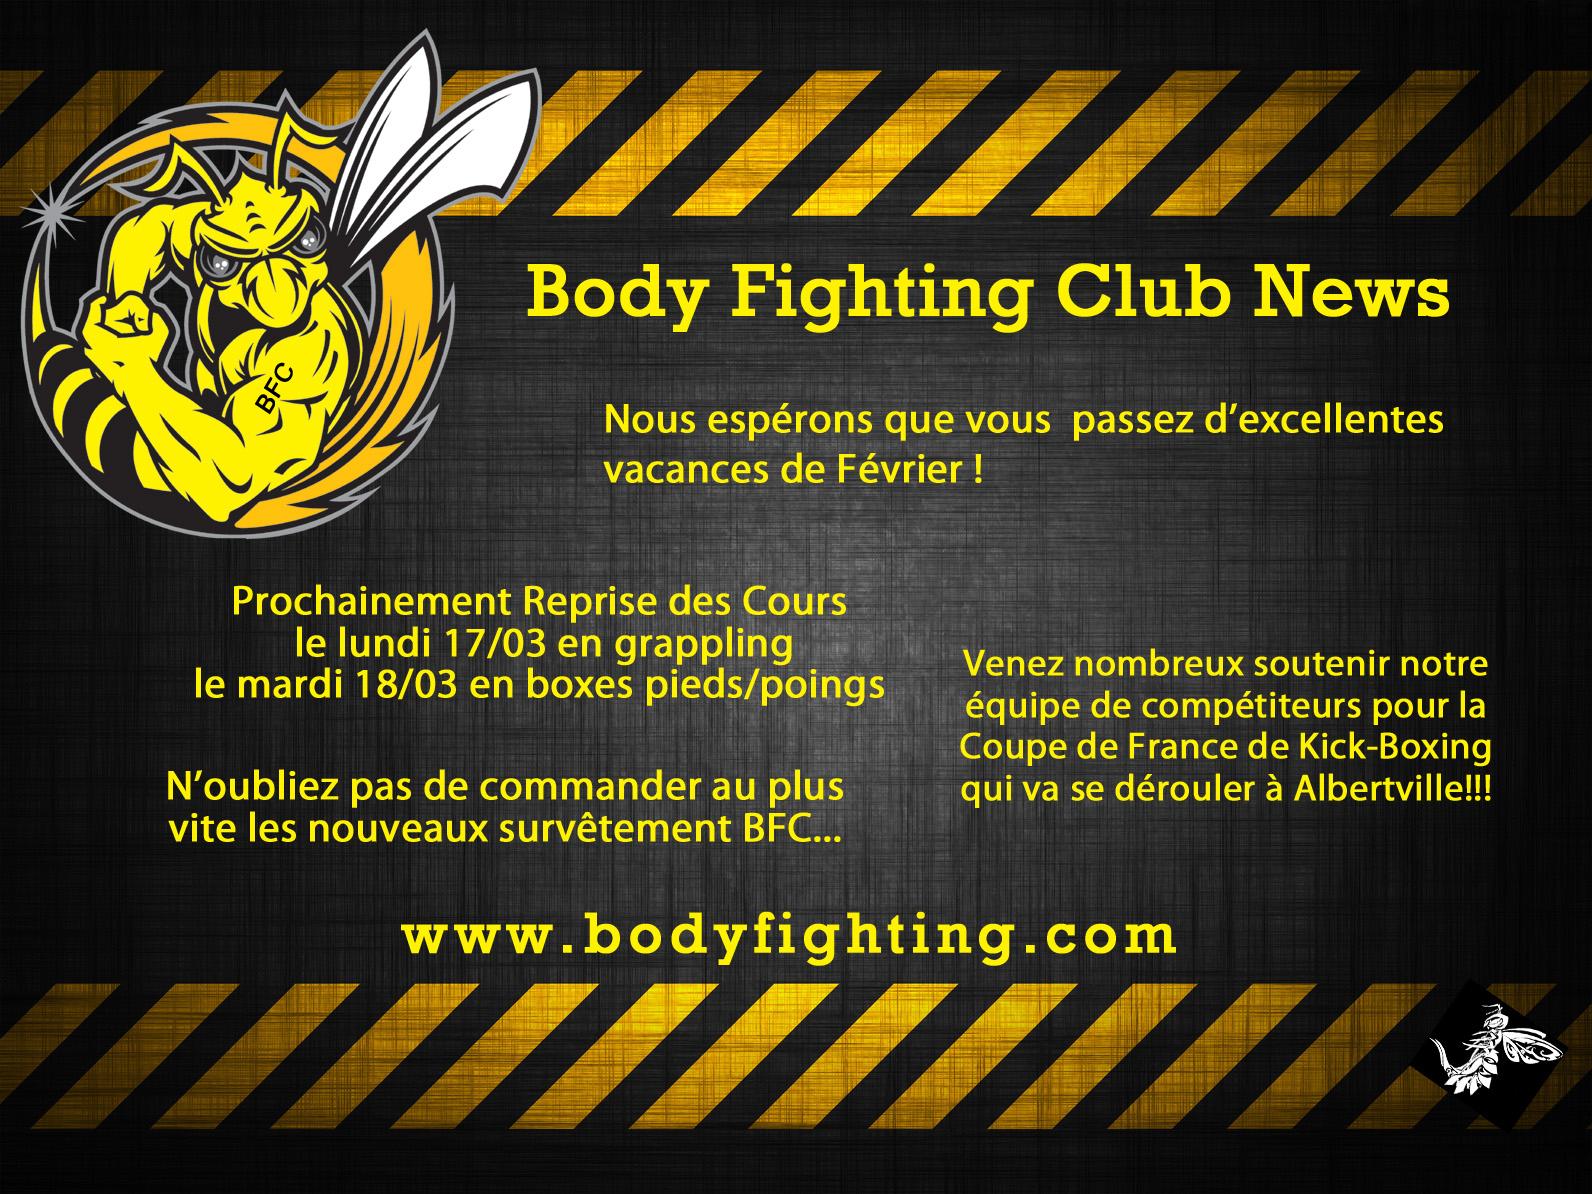 Le club réouvre le lundi 17 mars, bonnes vacances à tous les bodyfighters